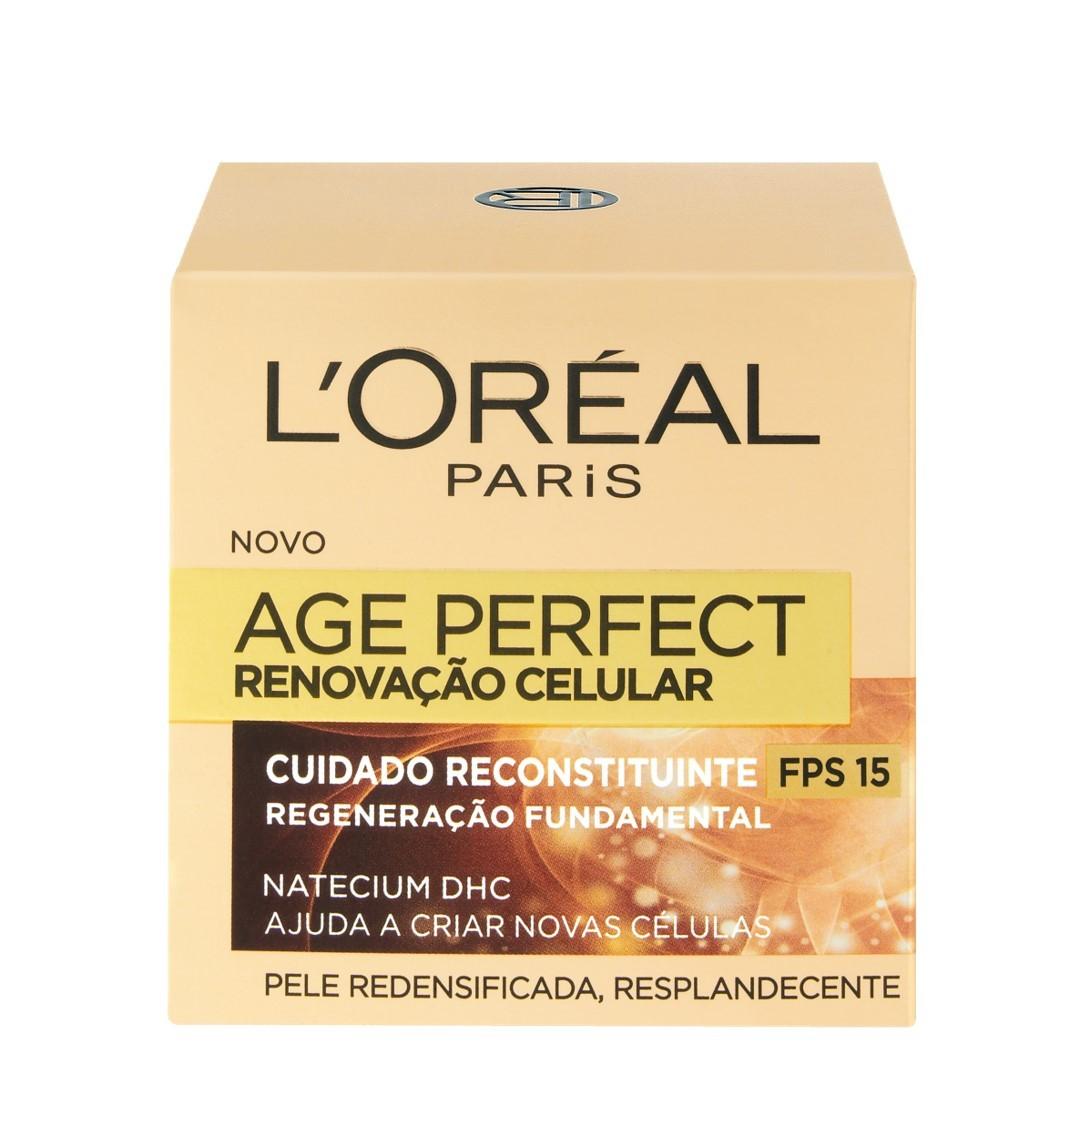 L'Oréal Paris - Age Perfect Celular Renovation Creme Dia -